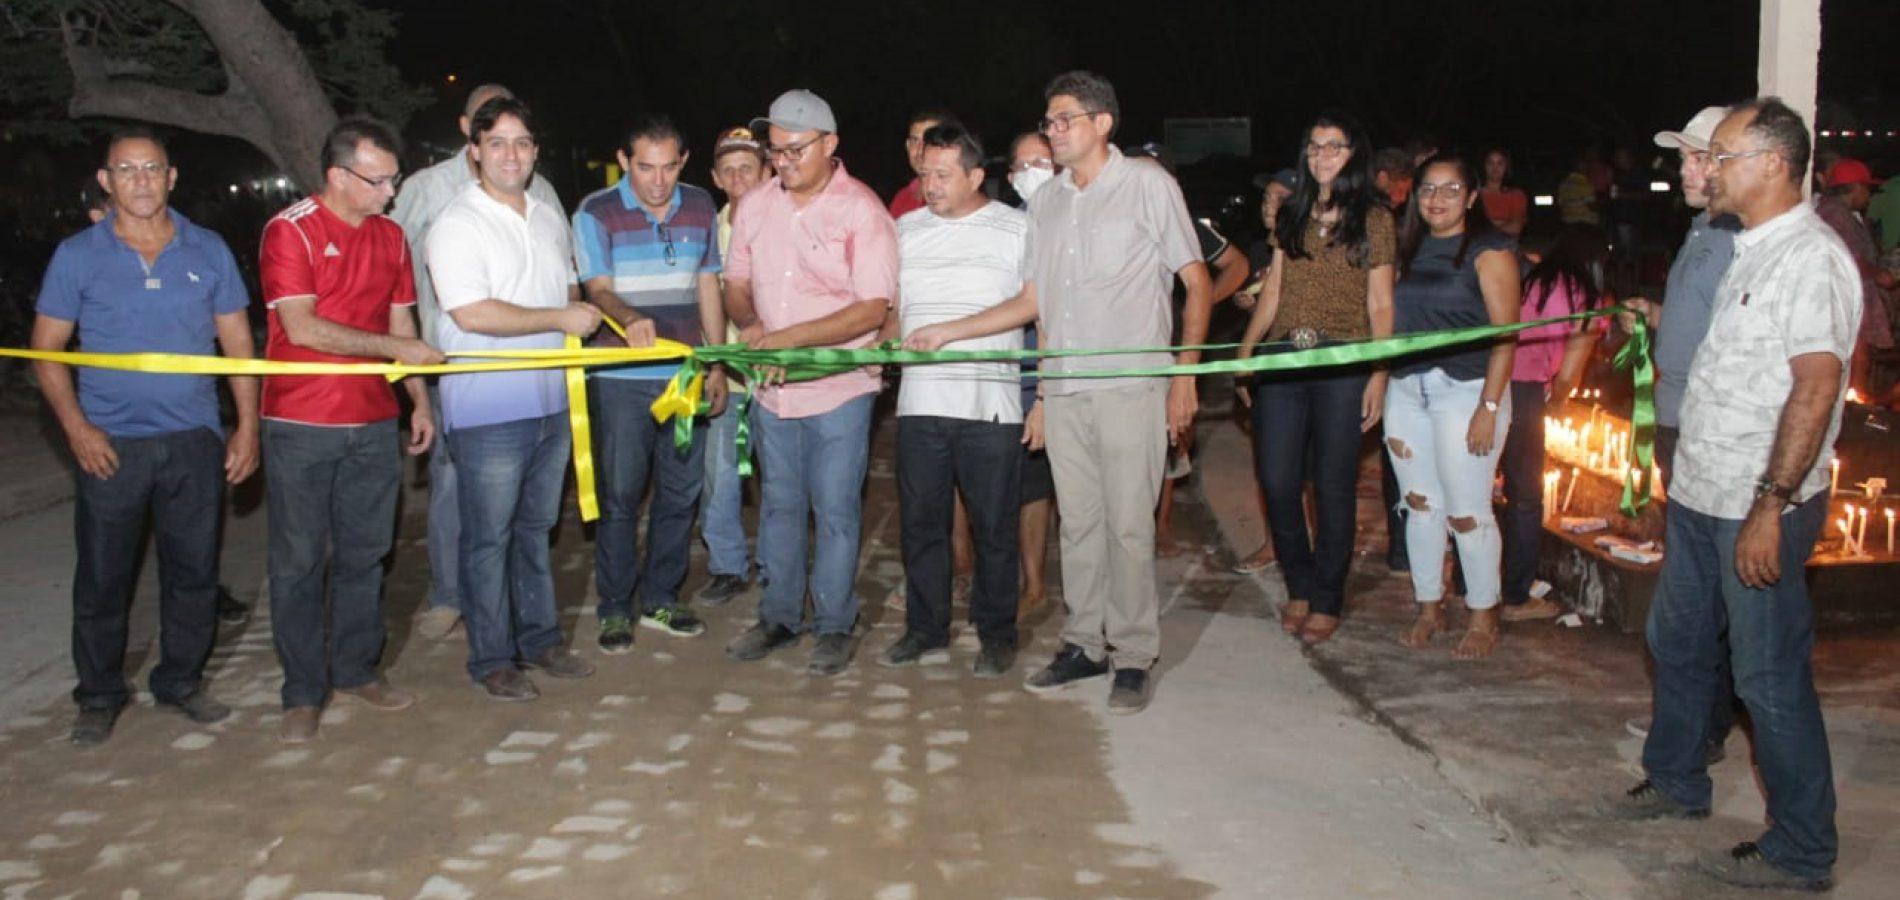 Deputado Flávio Jr. participa de procissão e inauguração de calçamento na zona rural de Beneditinos